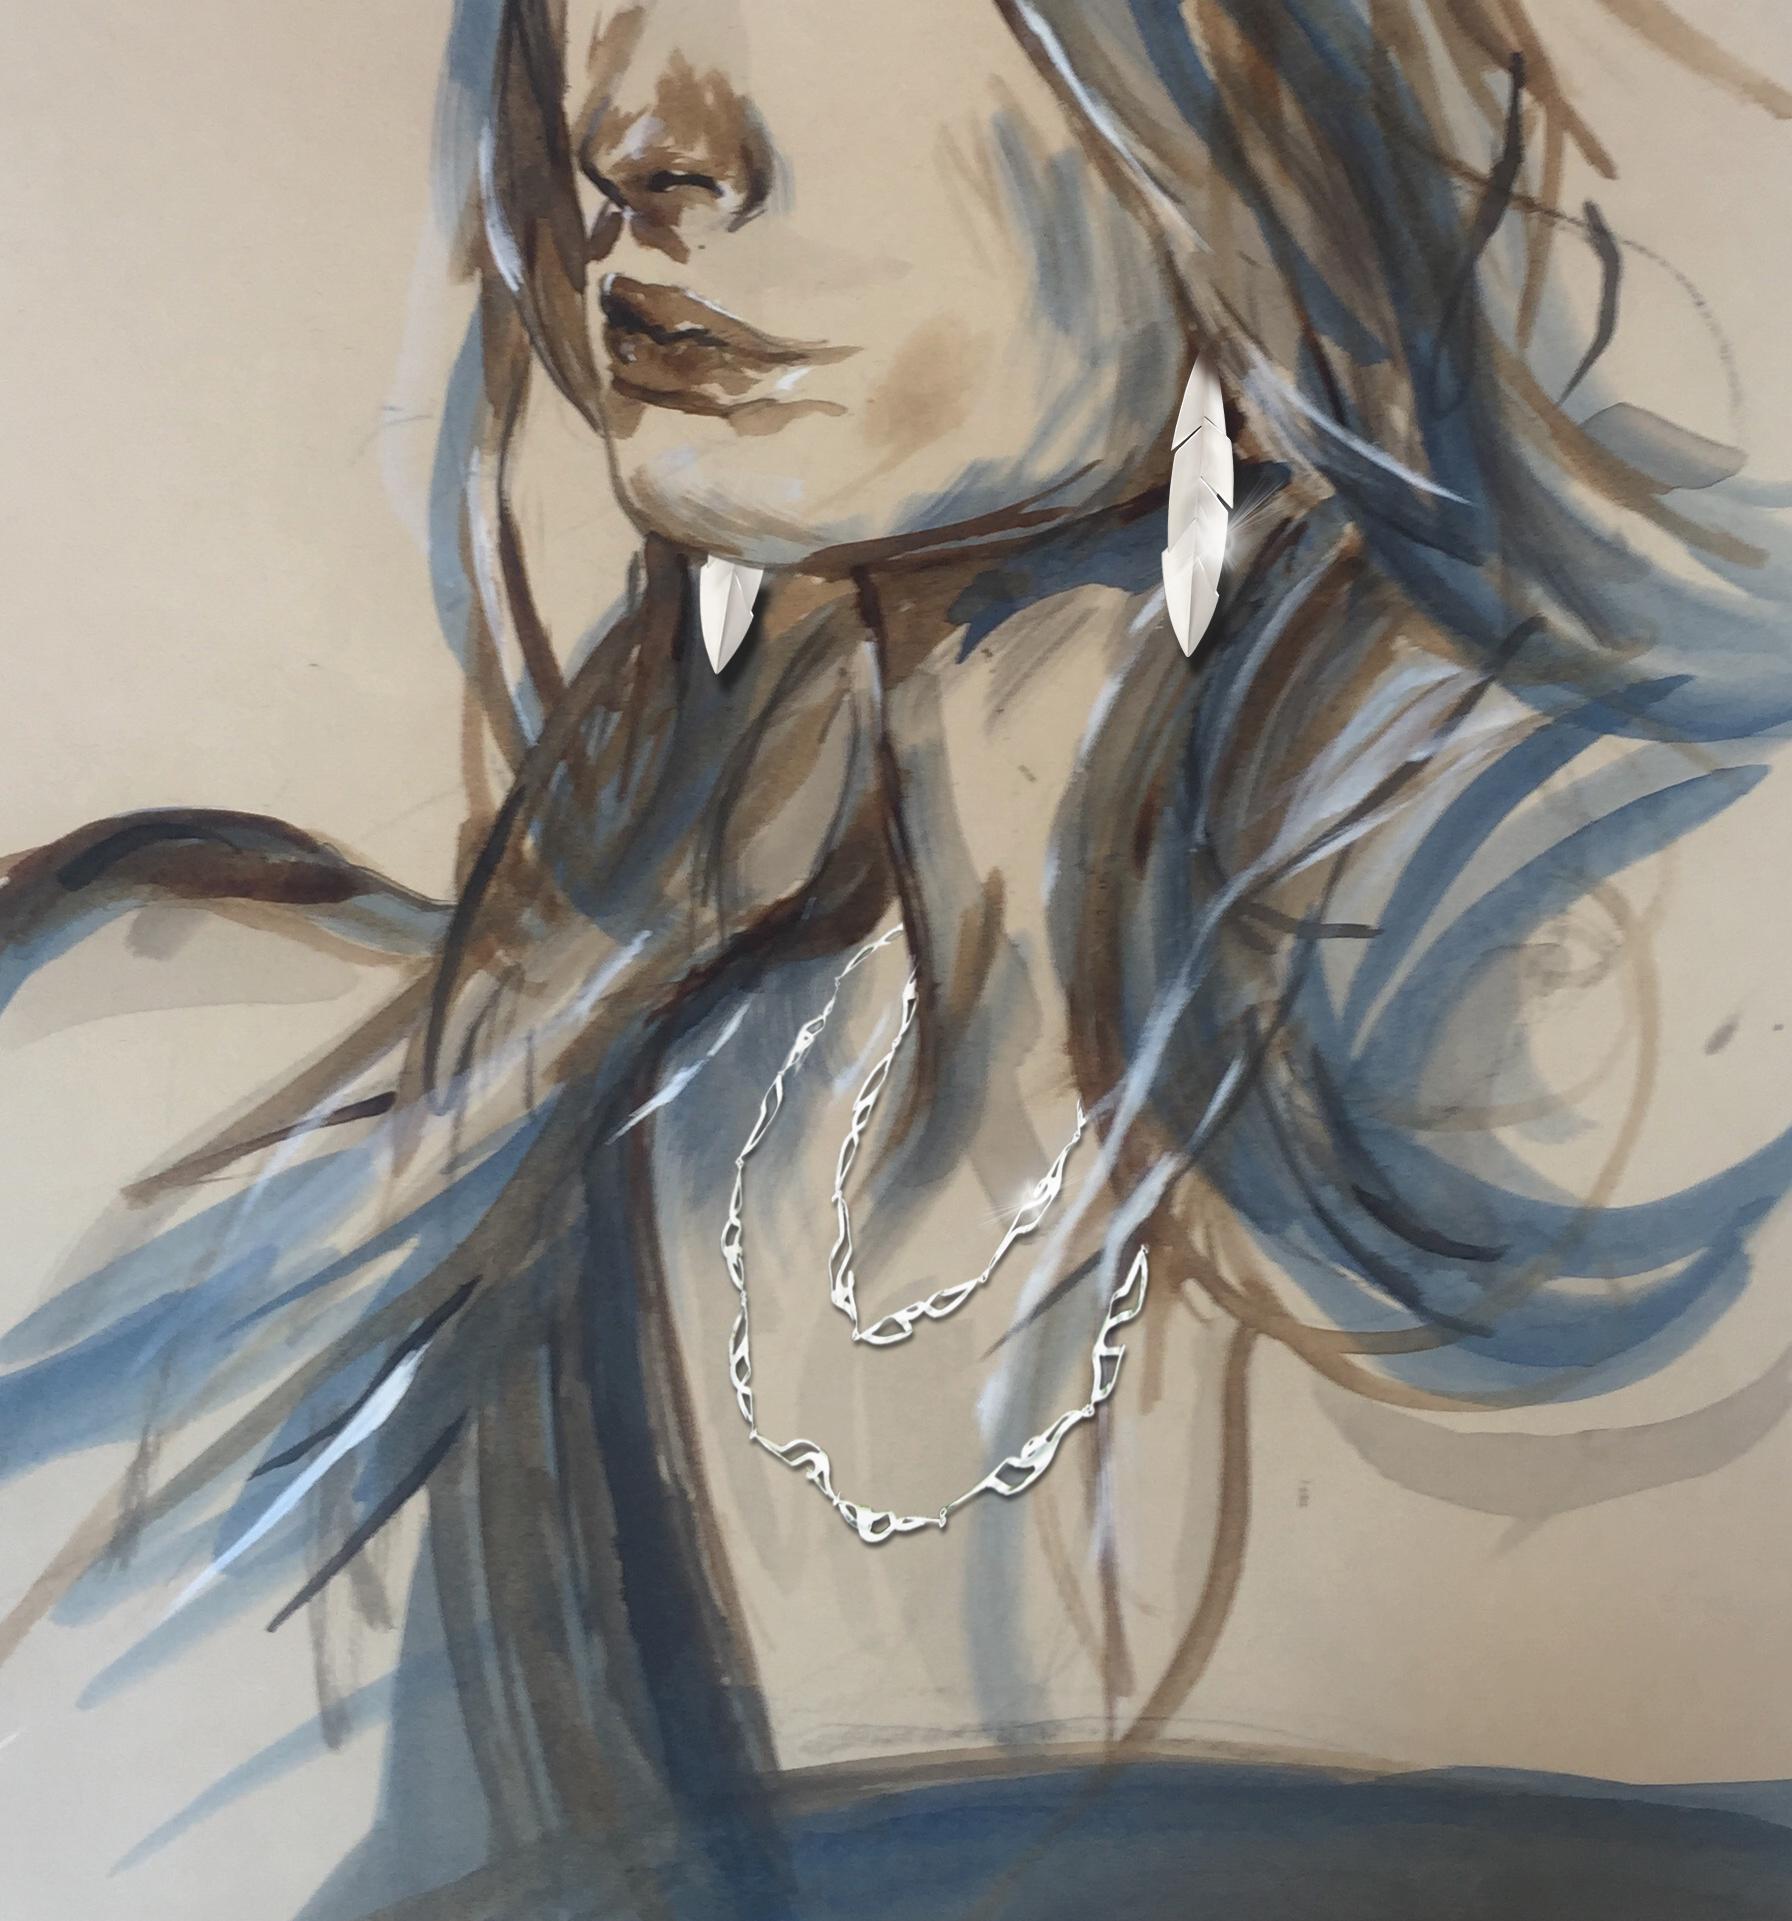 21- Alba Polenghi Lisca Moorea necklace, Tagli earrings